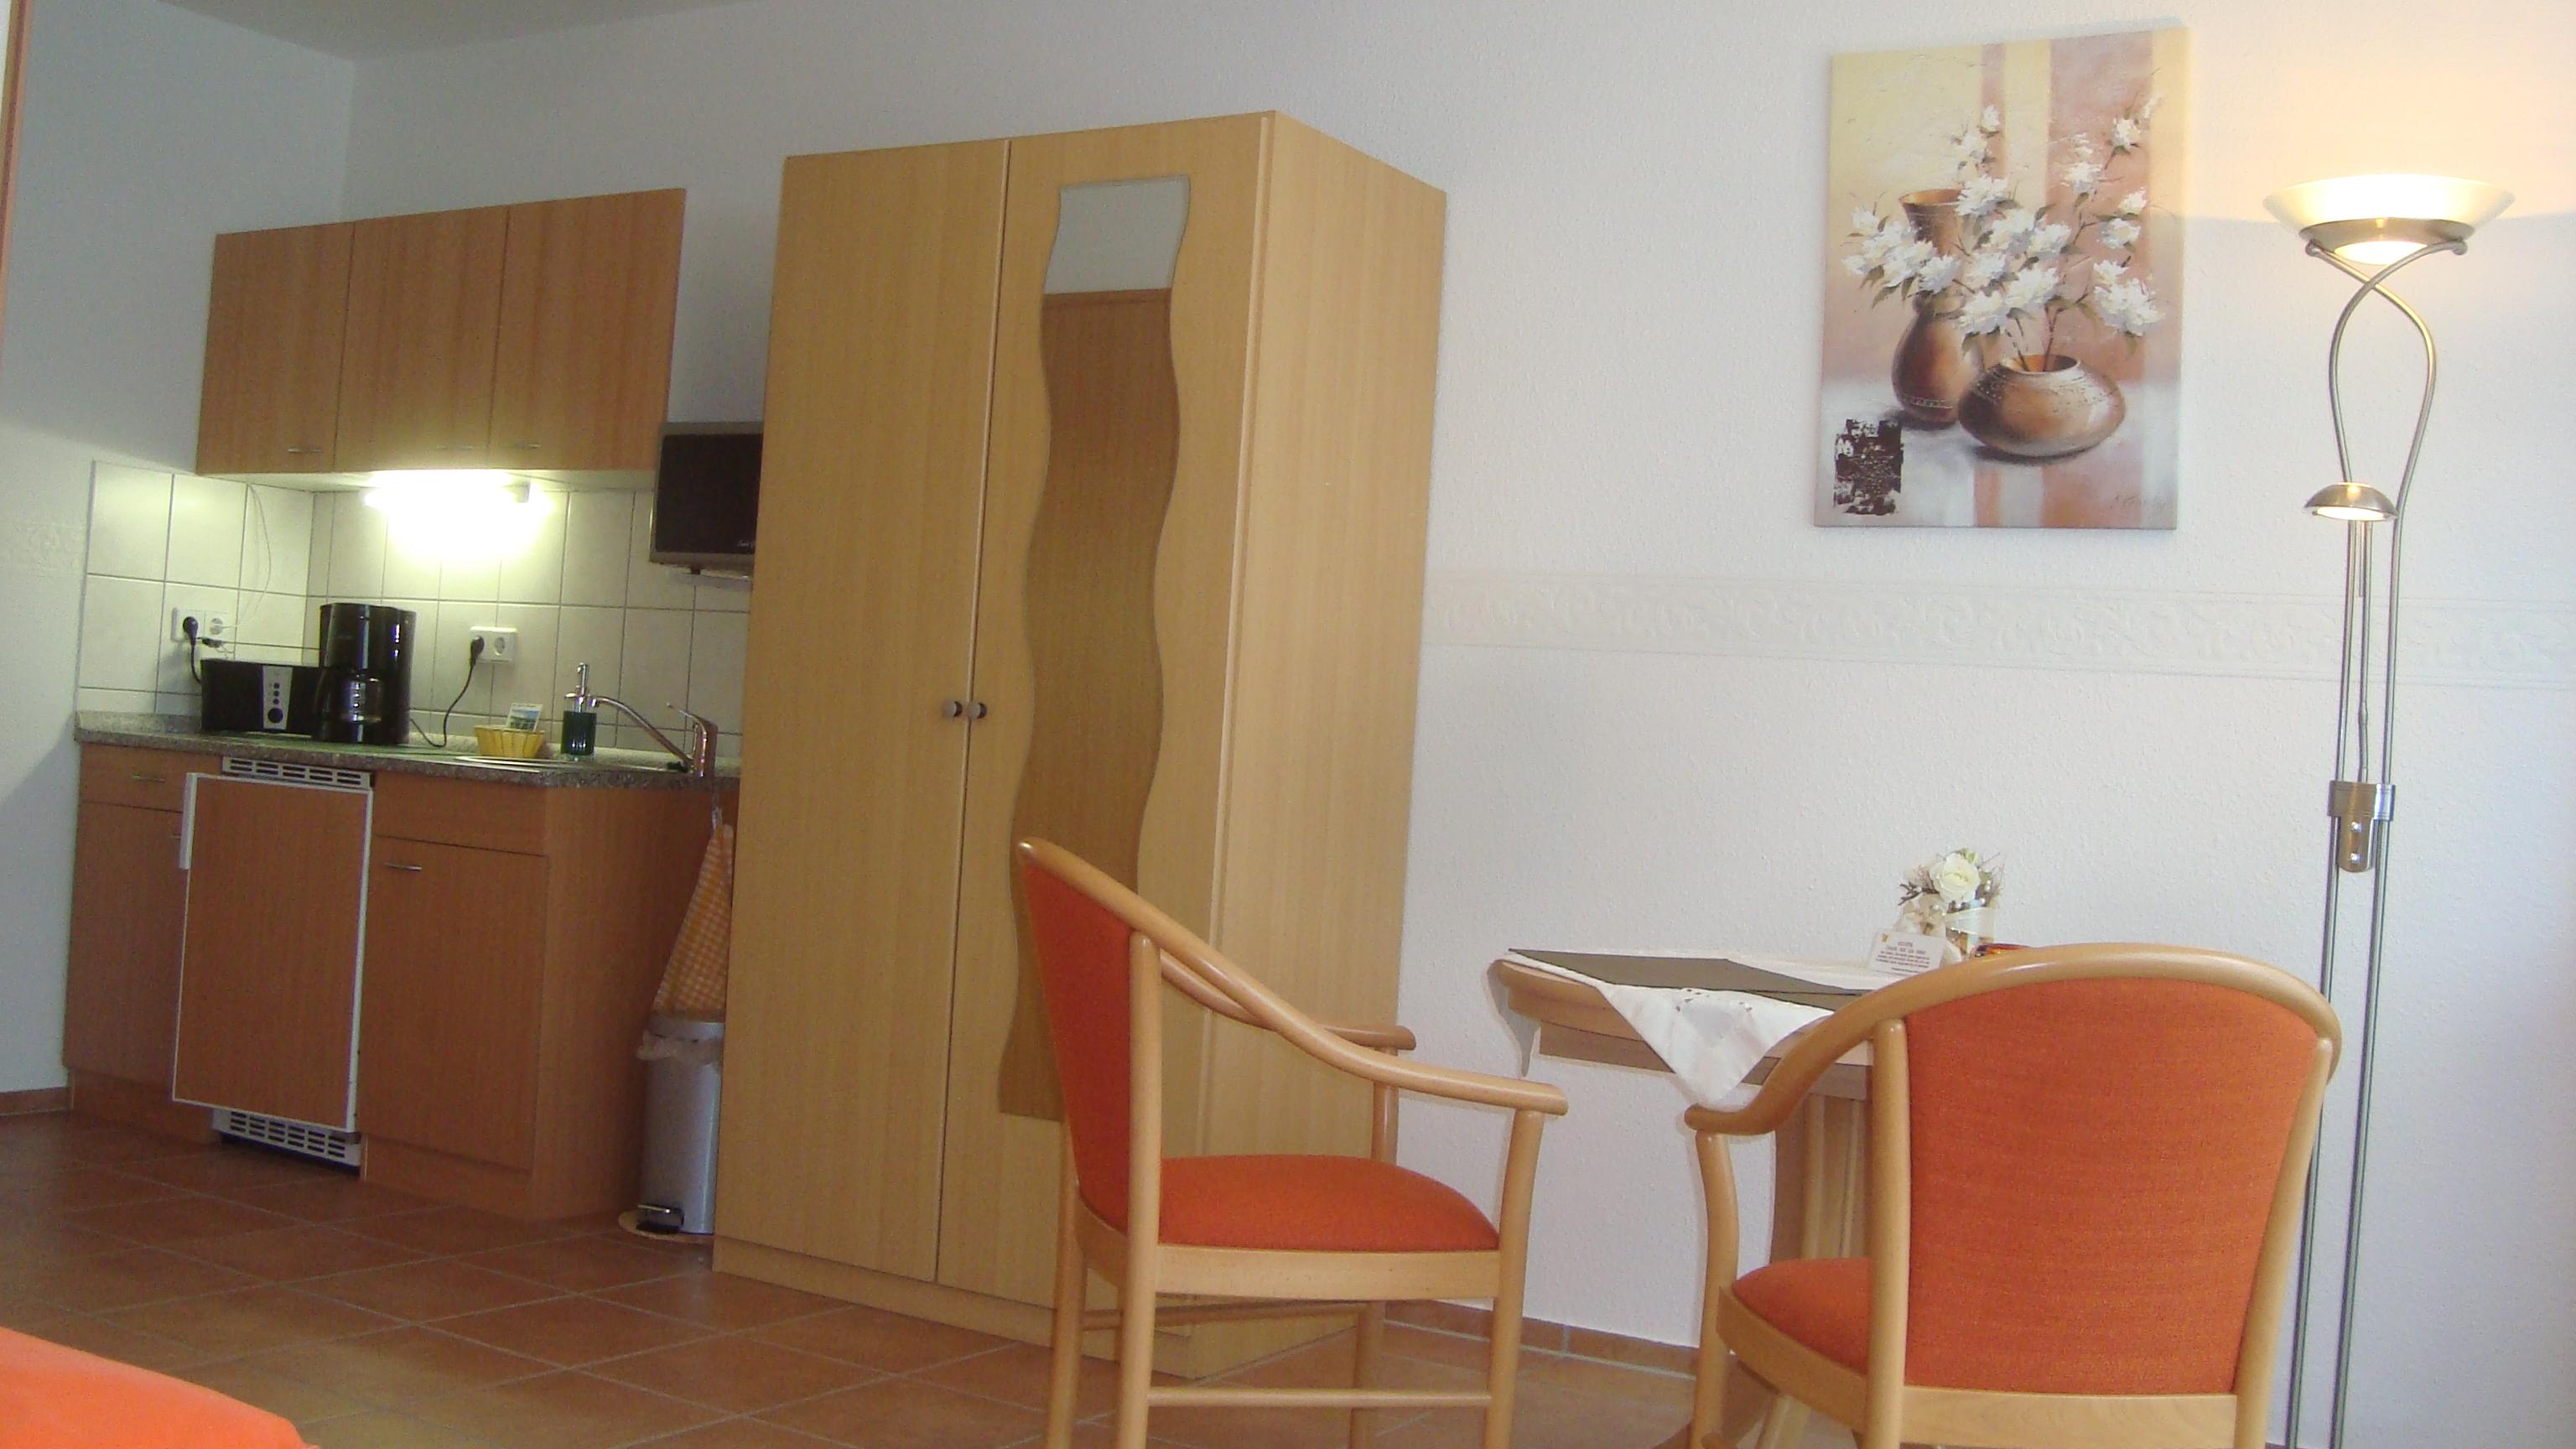 nichtraucherzimmer 1 und 2 urlaub bernachtung in dresden. Black Bedroom Furniture Sets. Home Design Ideas